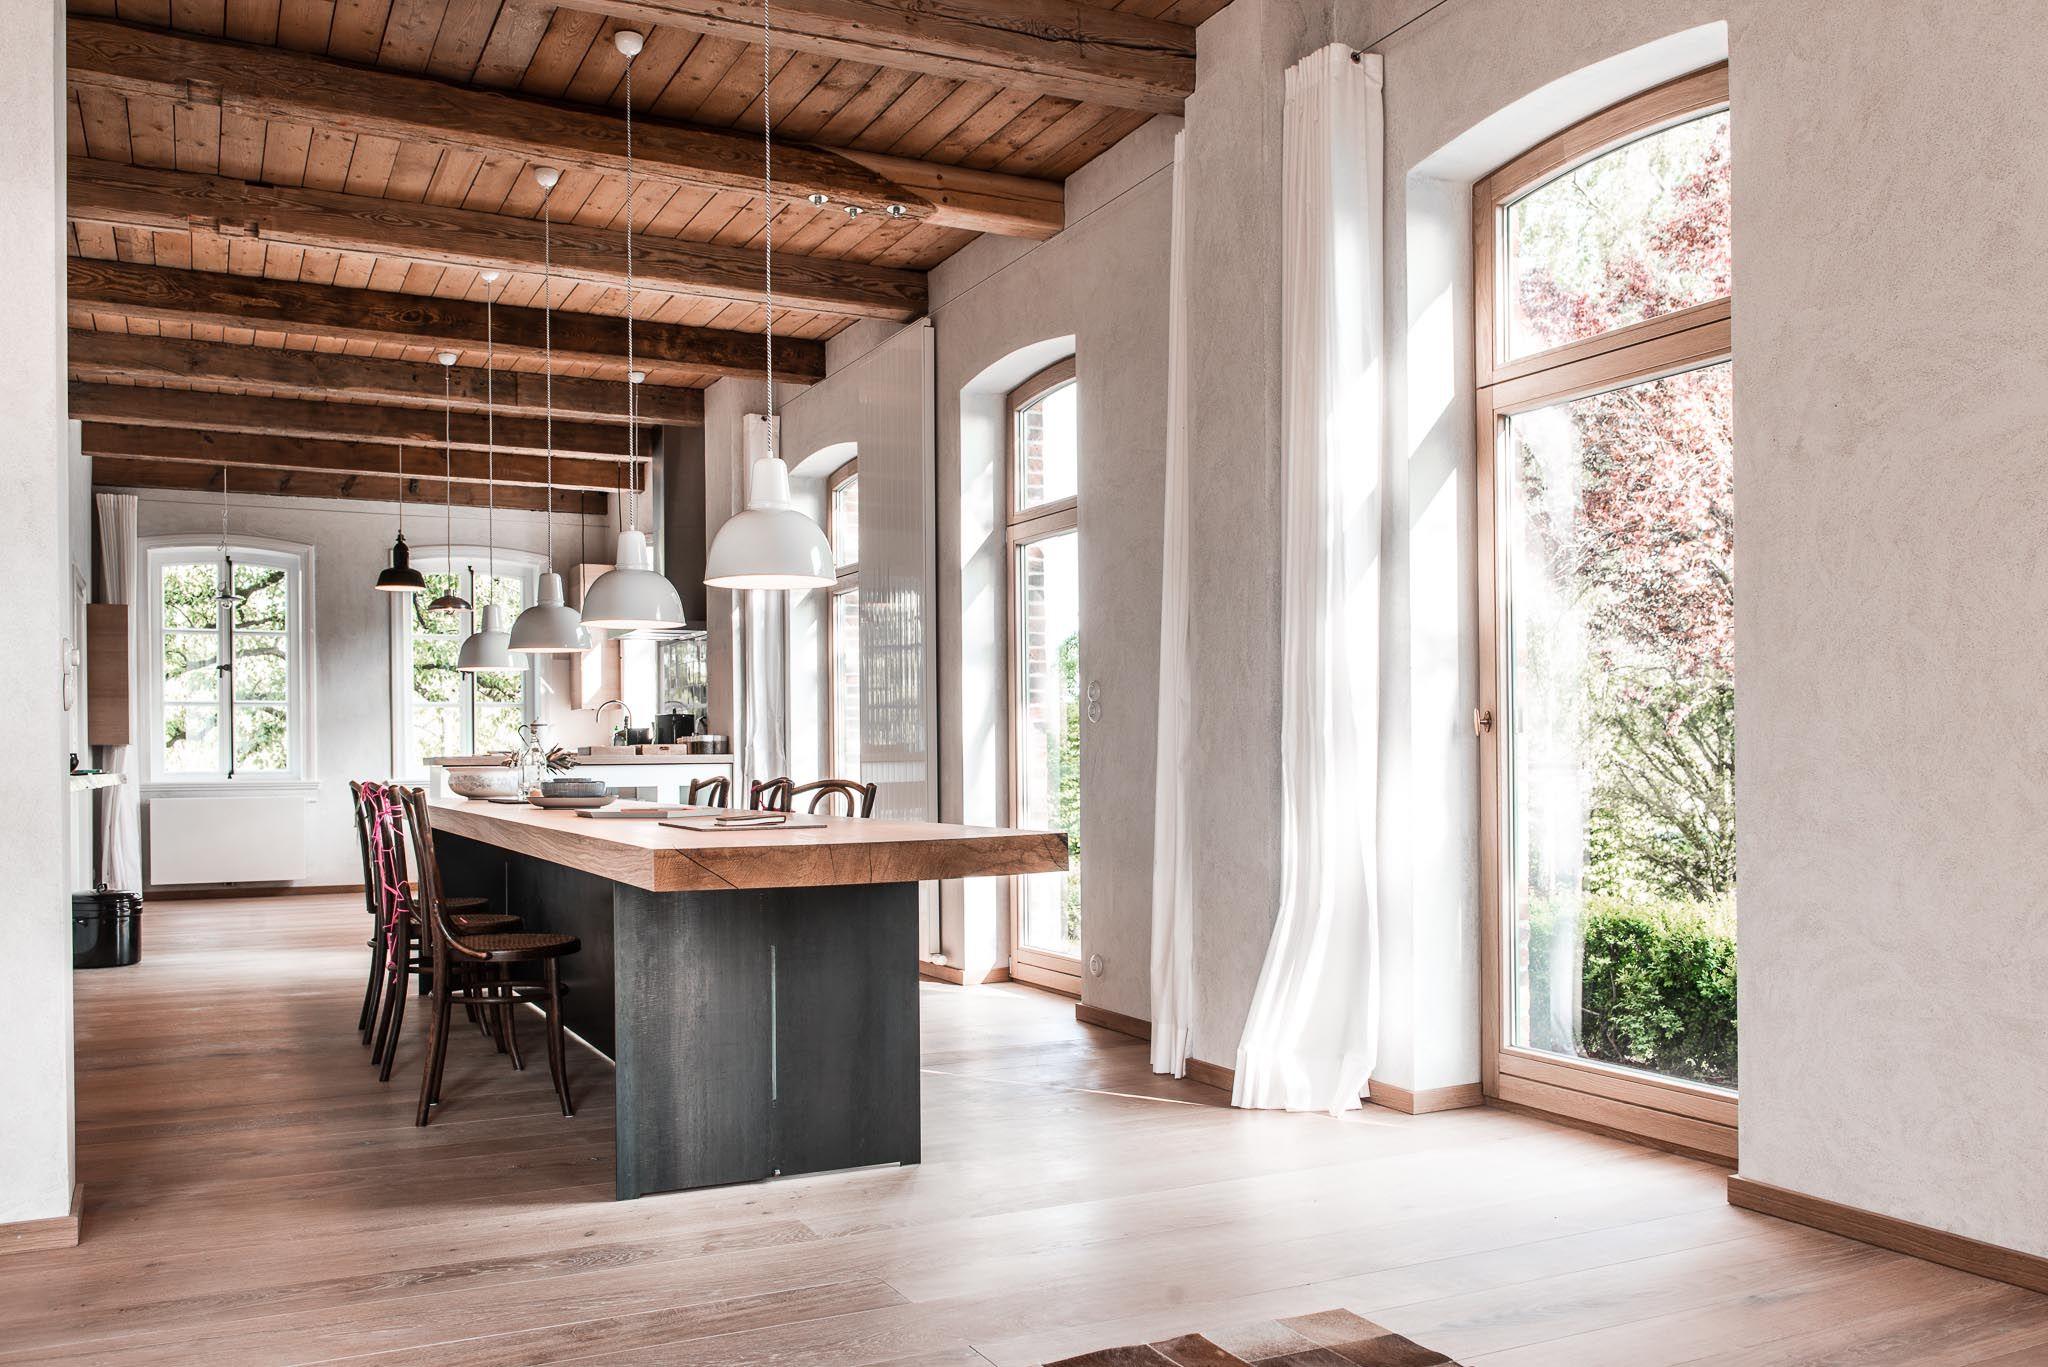 Fussboden Kuche Esszimmer Wohnzimmer Boden Raum Und Mobeldesign